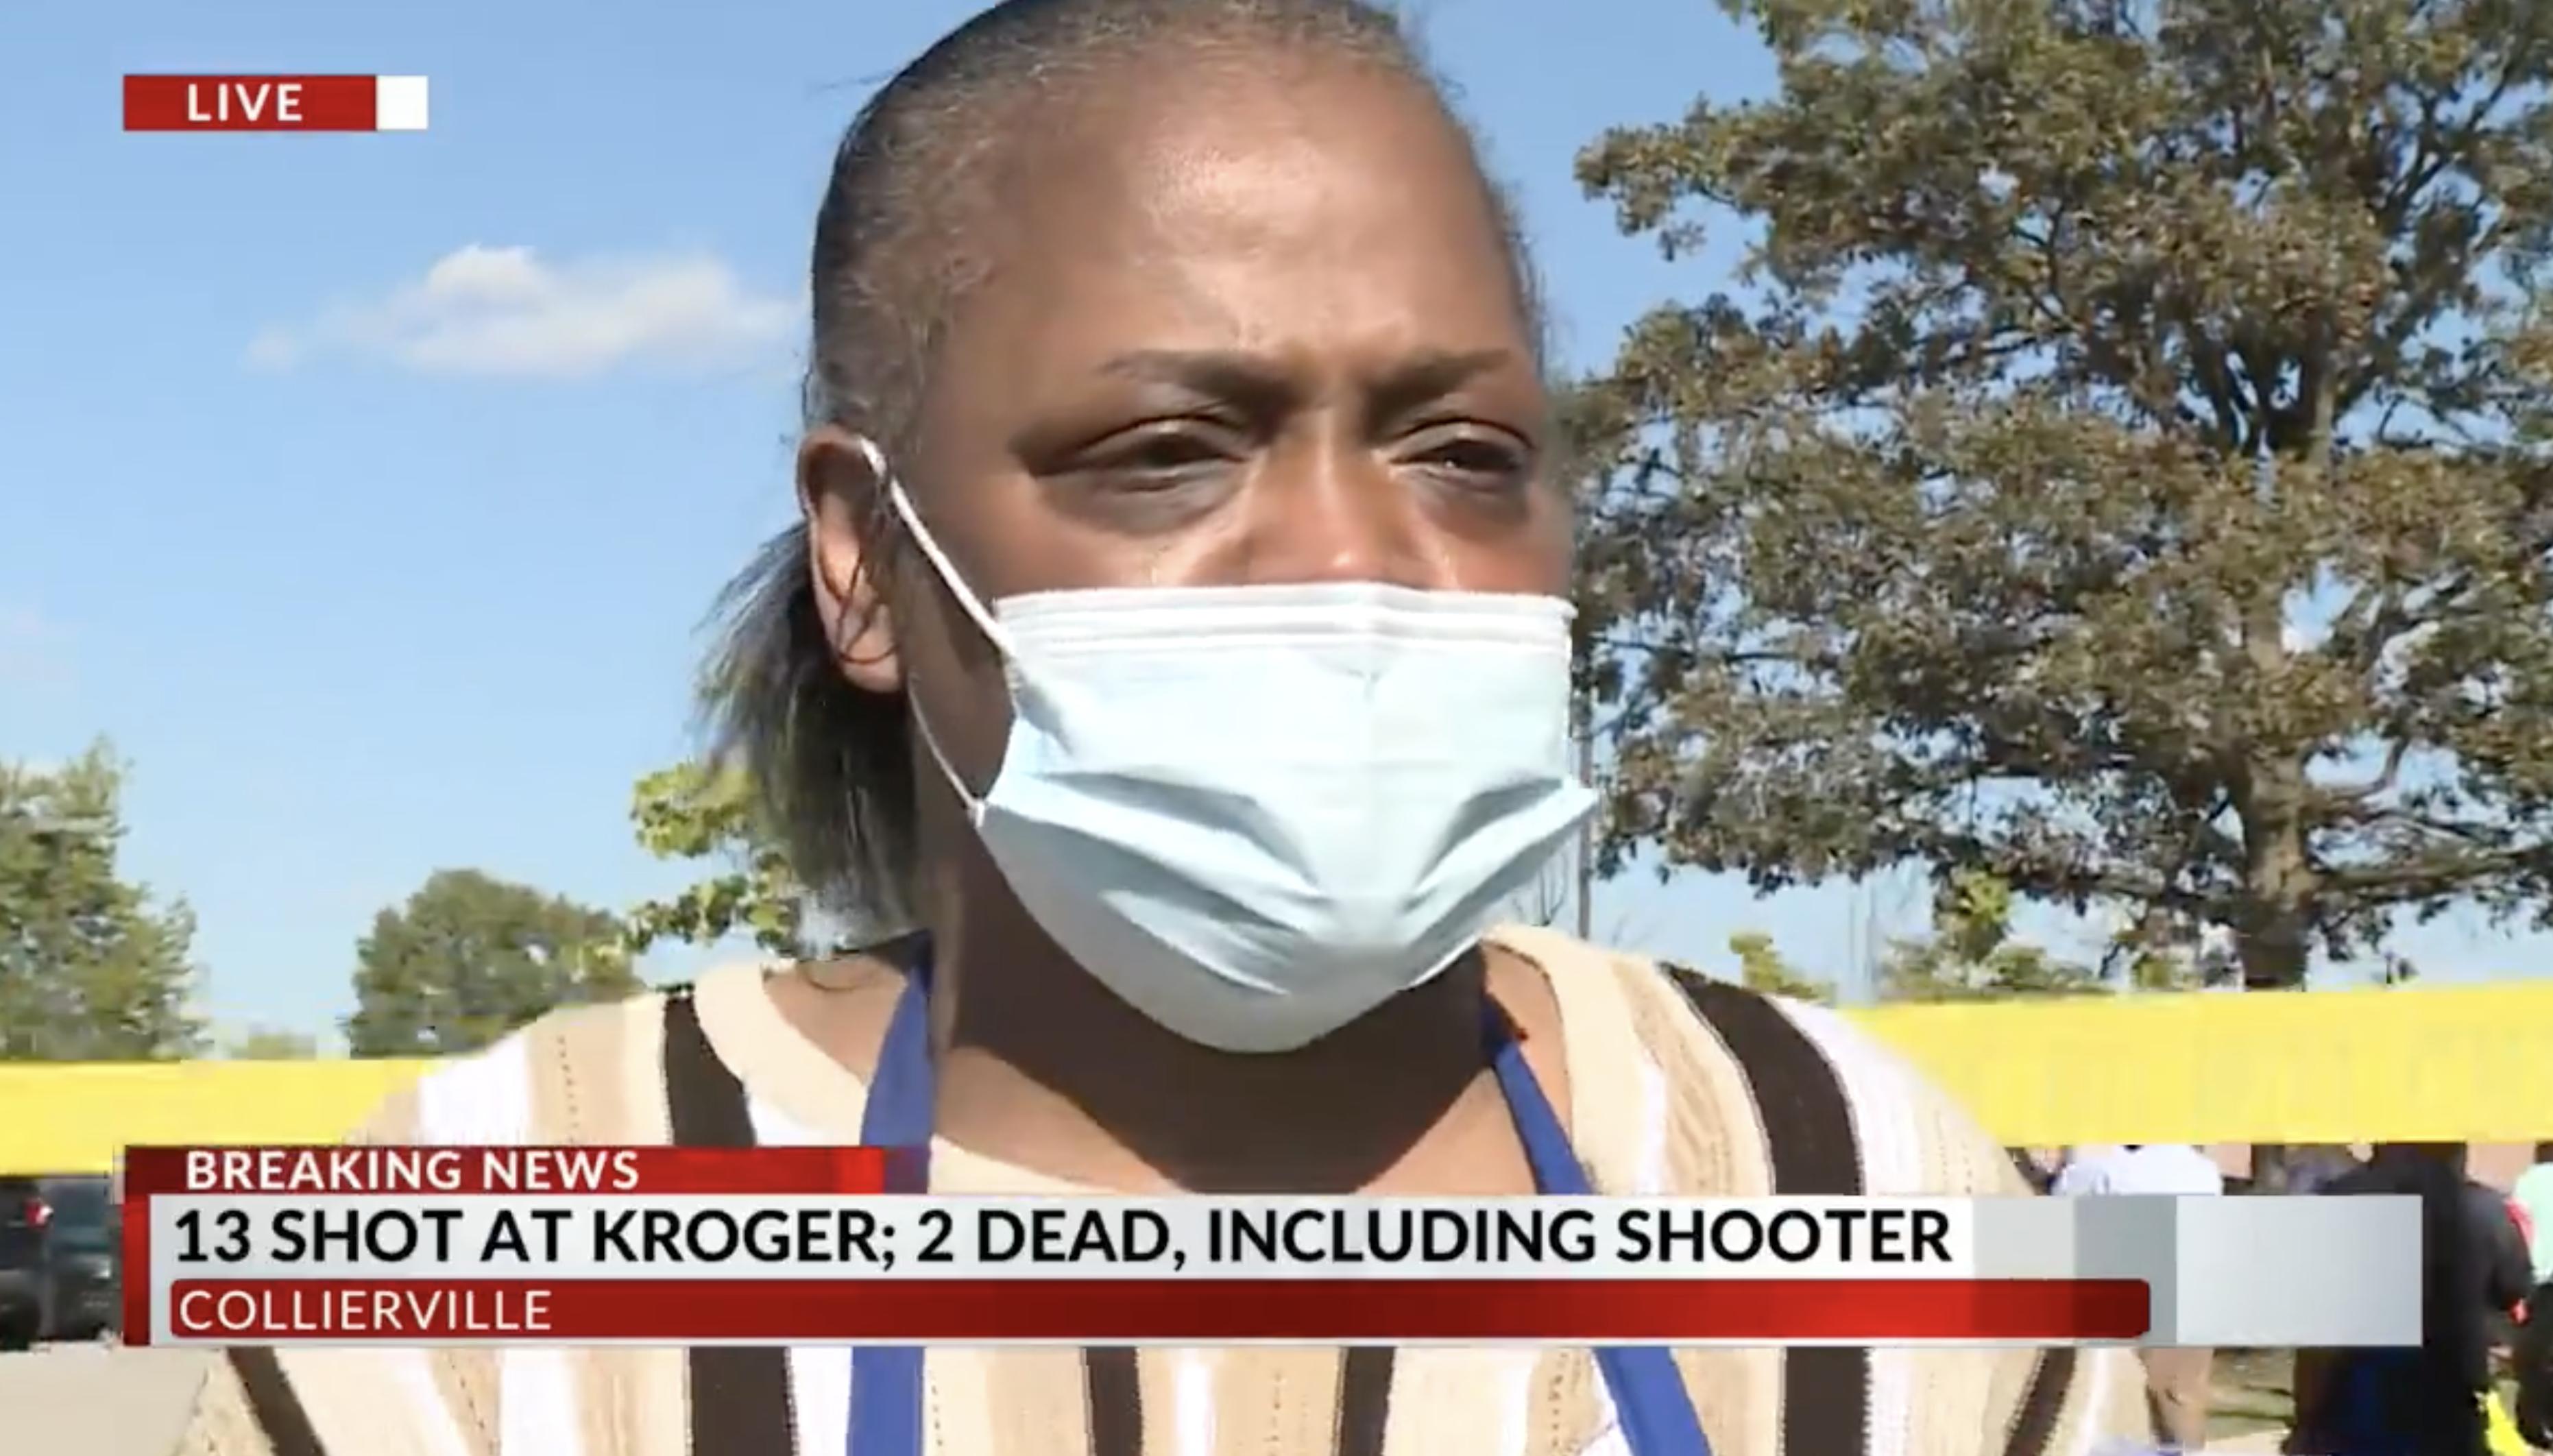 Kroger employee interviews with WREG after mass shooting